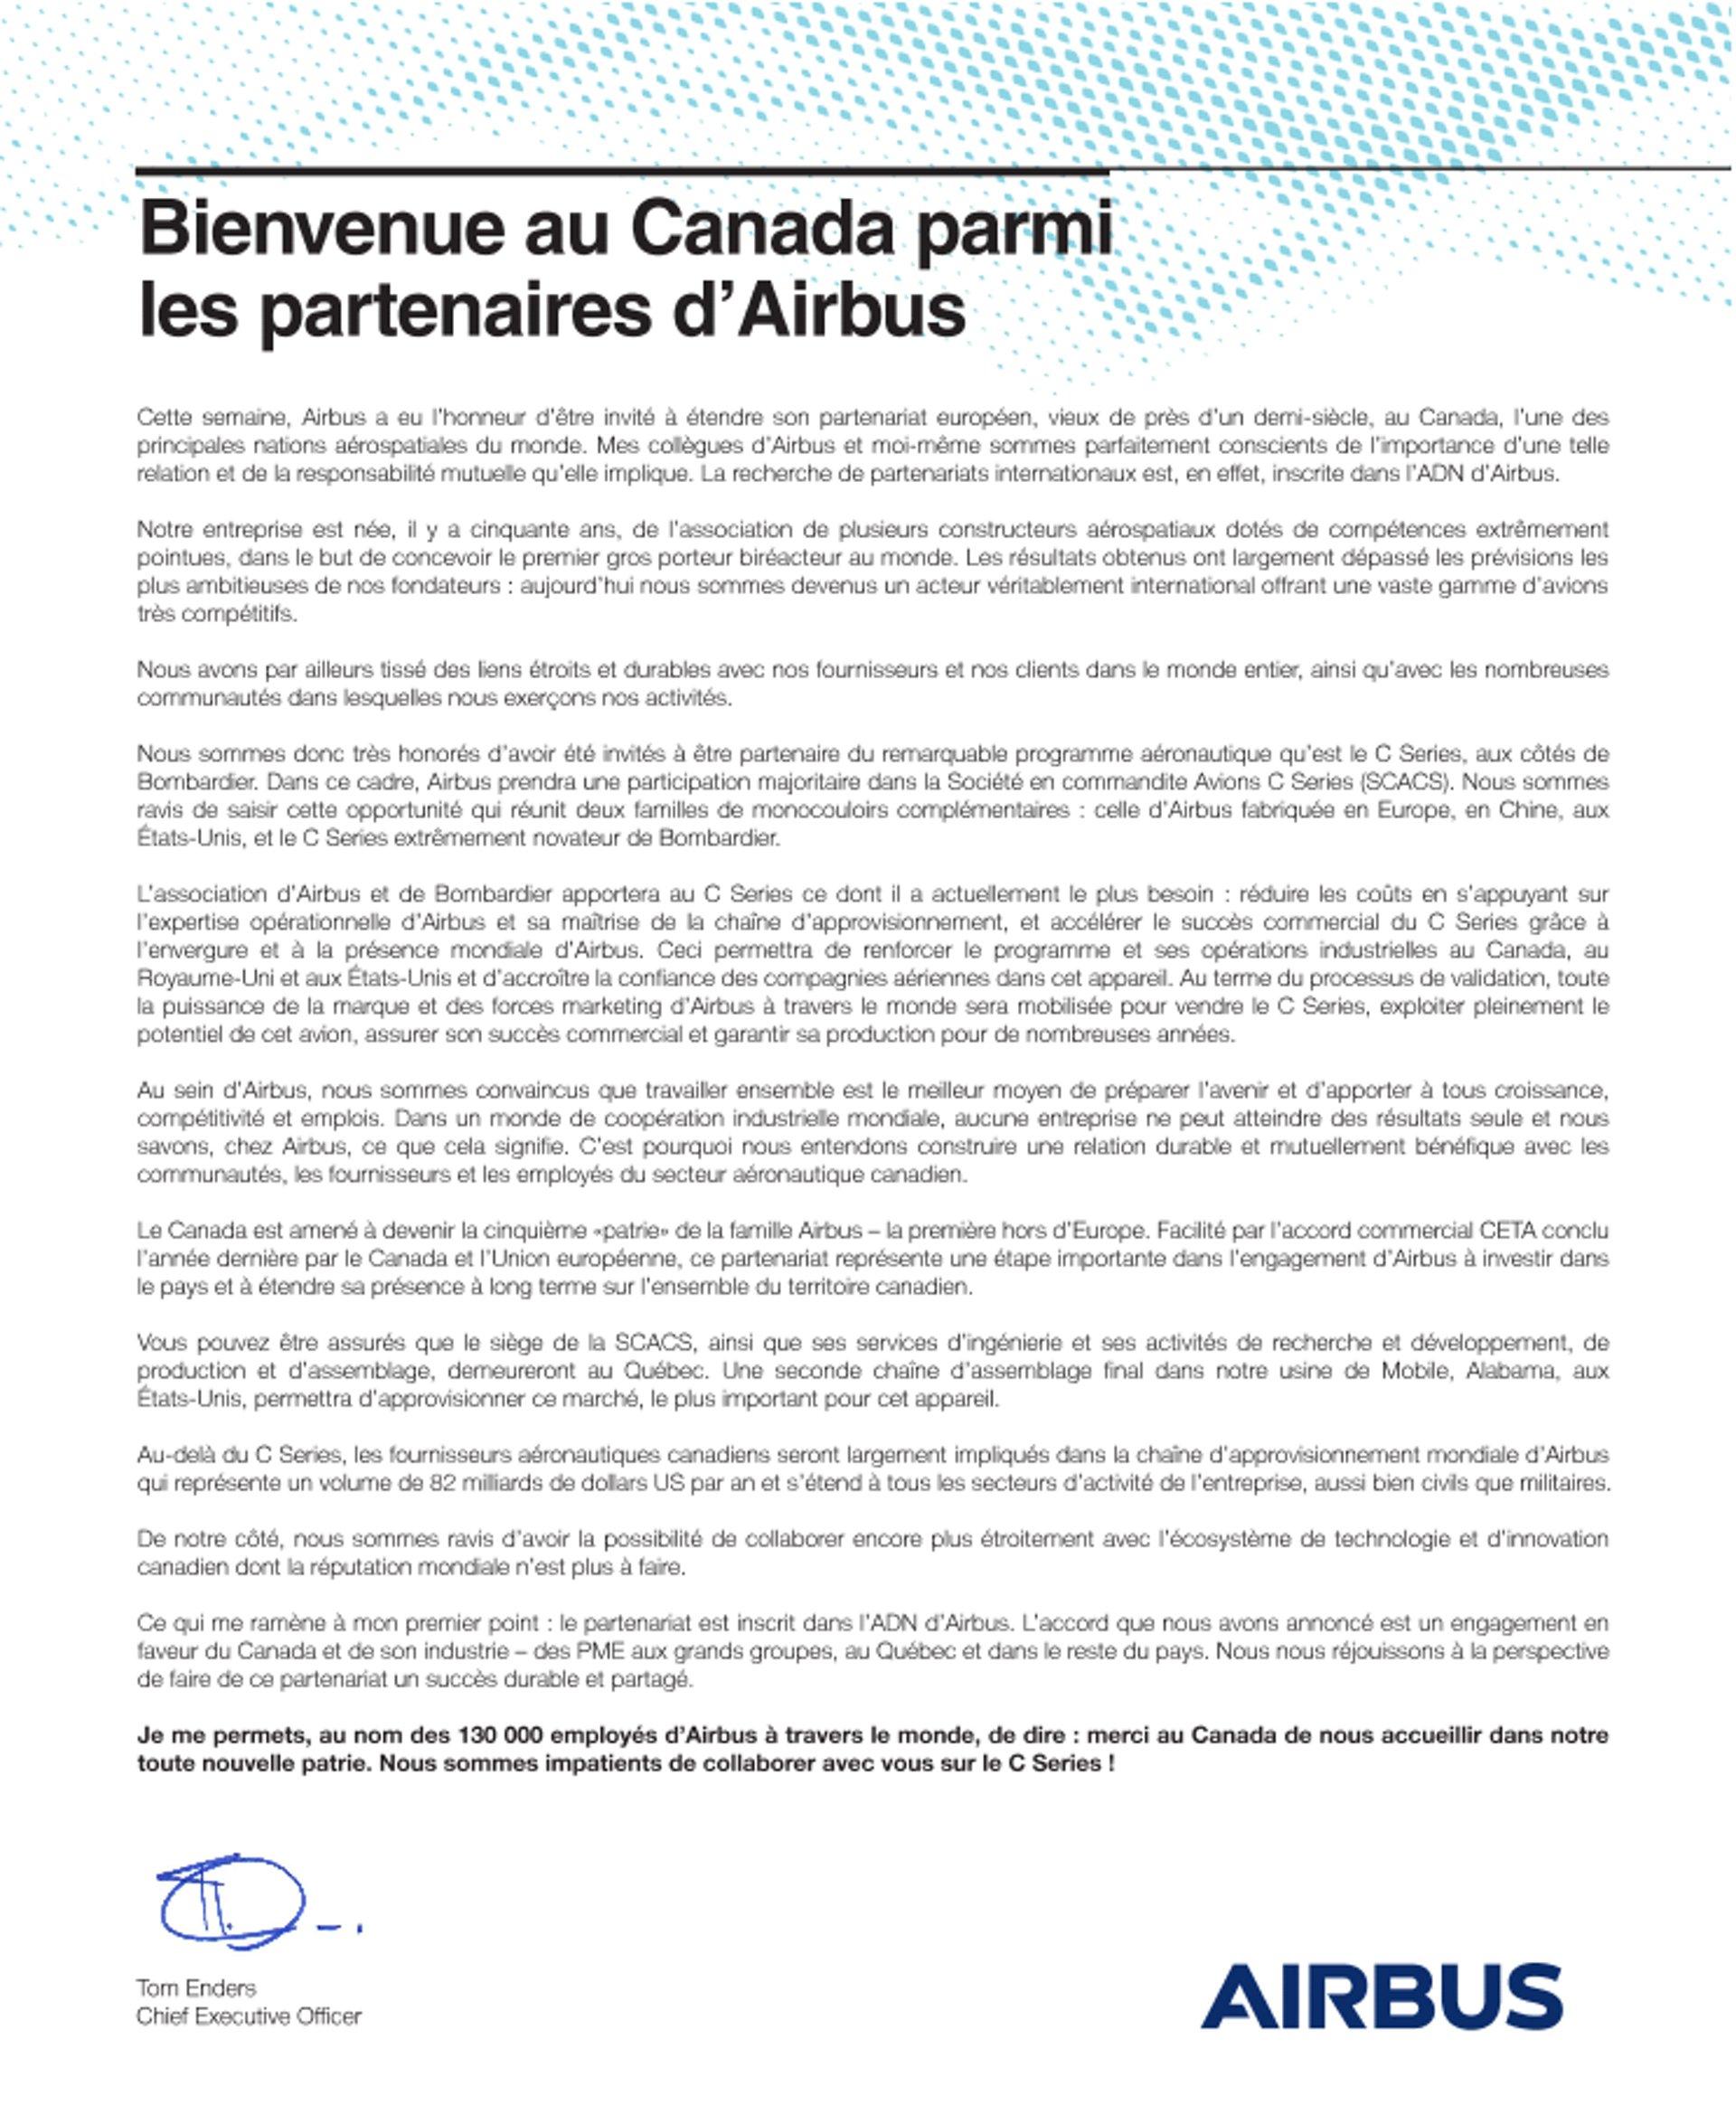 Lettre du CEO d'Airbus Tom Enders : Bienvenue au Canada parmi les partenaires d'Airbus